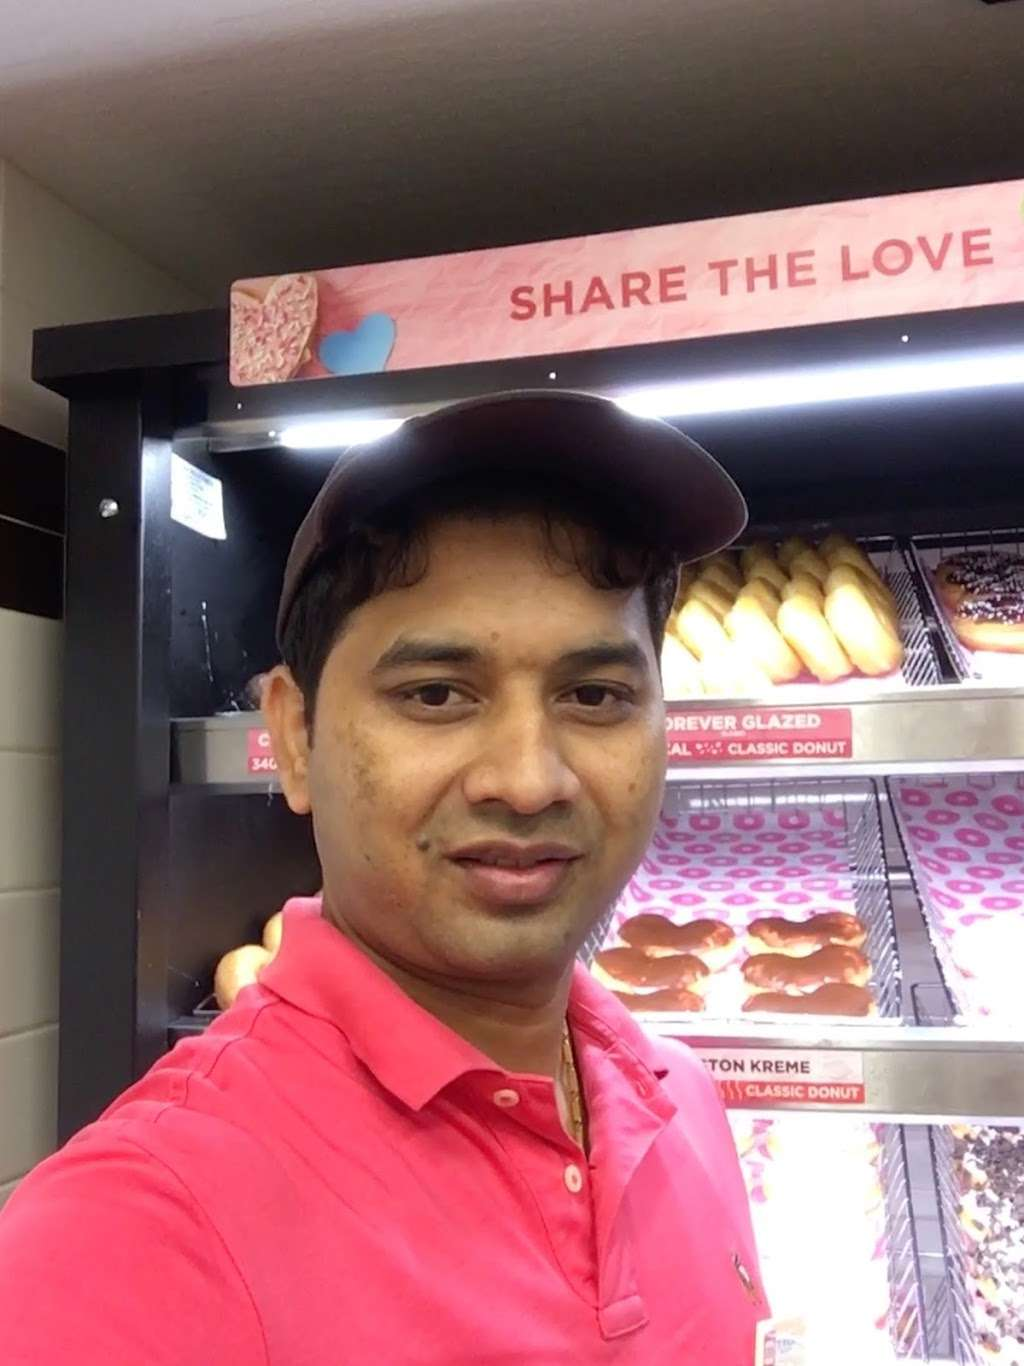 Dunkin Donuts - cafe  | Photo 7 of 10 | Address: 51 E 34th St, New York, NY 10016, USA | Phone: (212) 481-2355